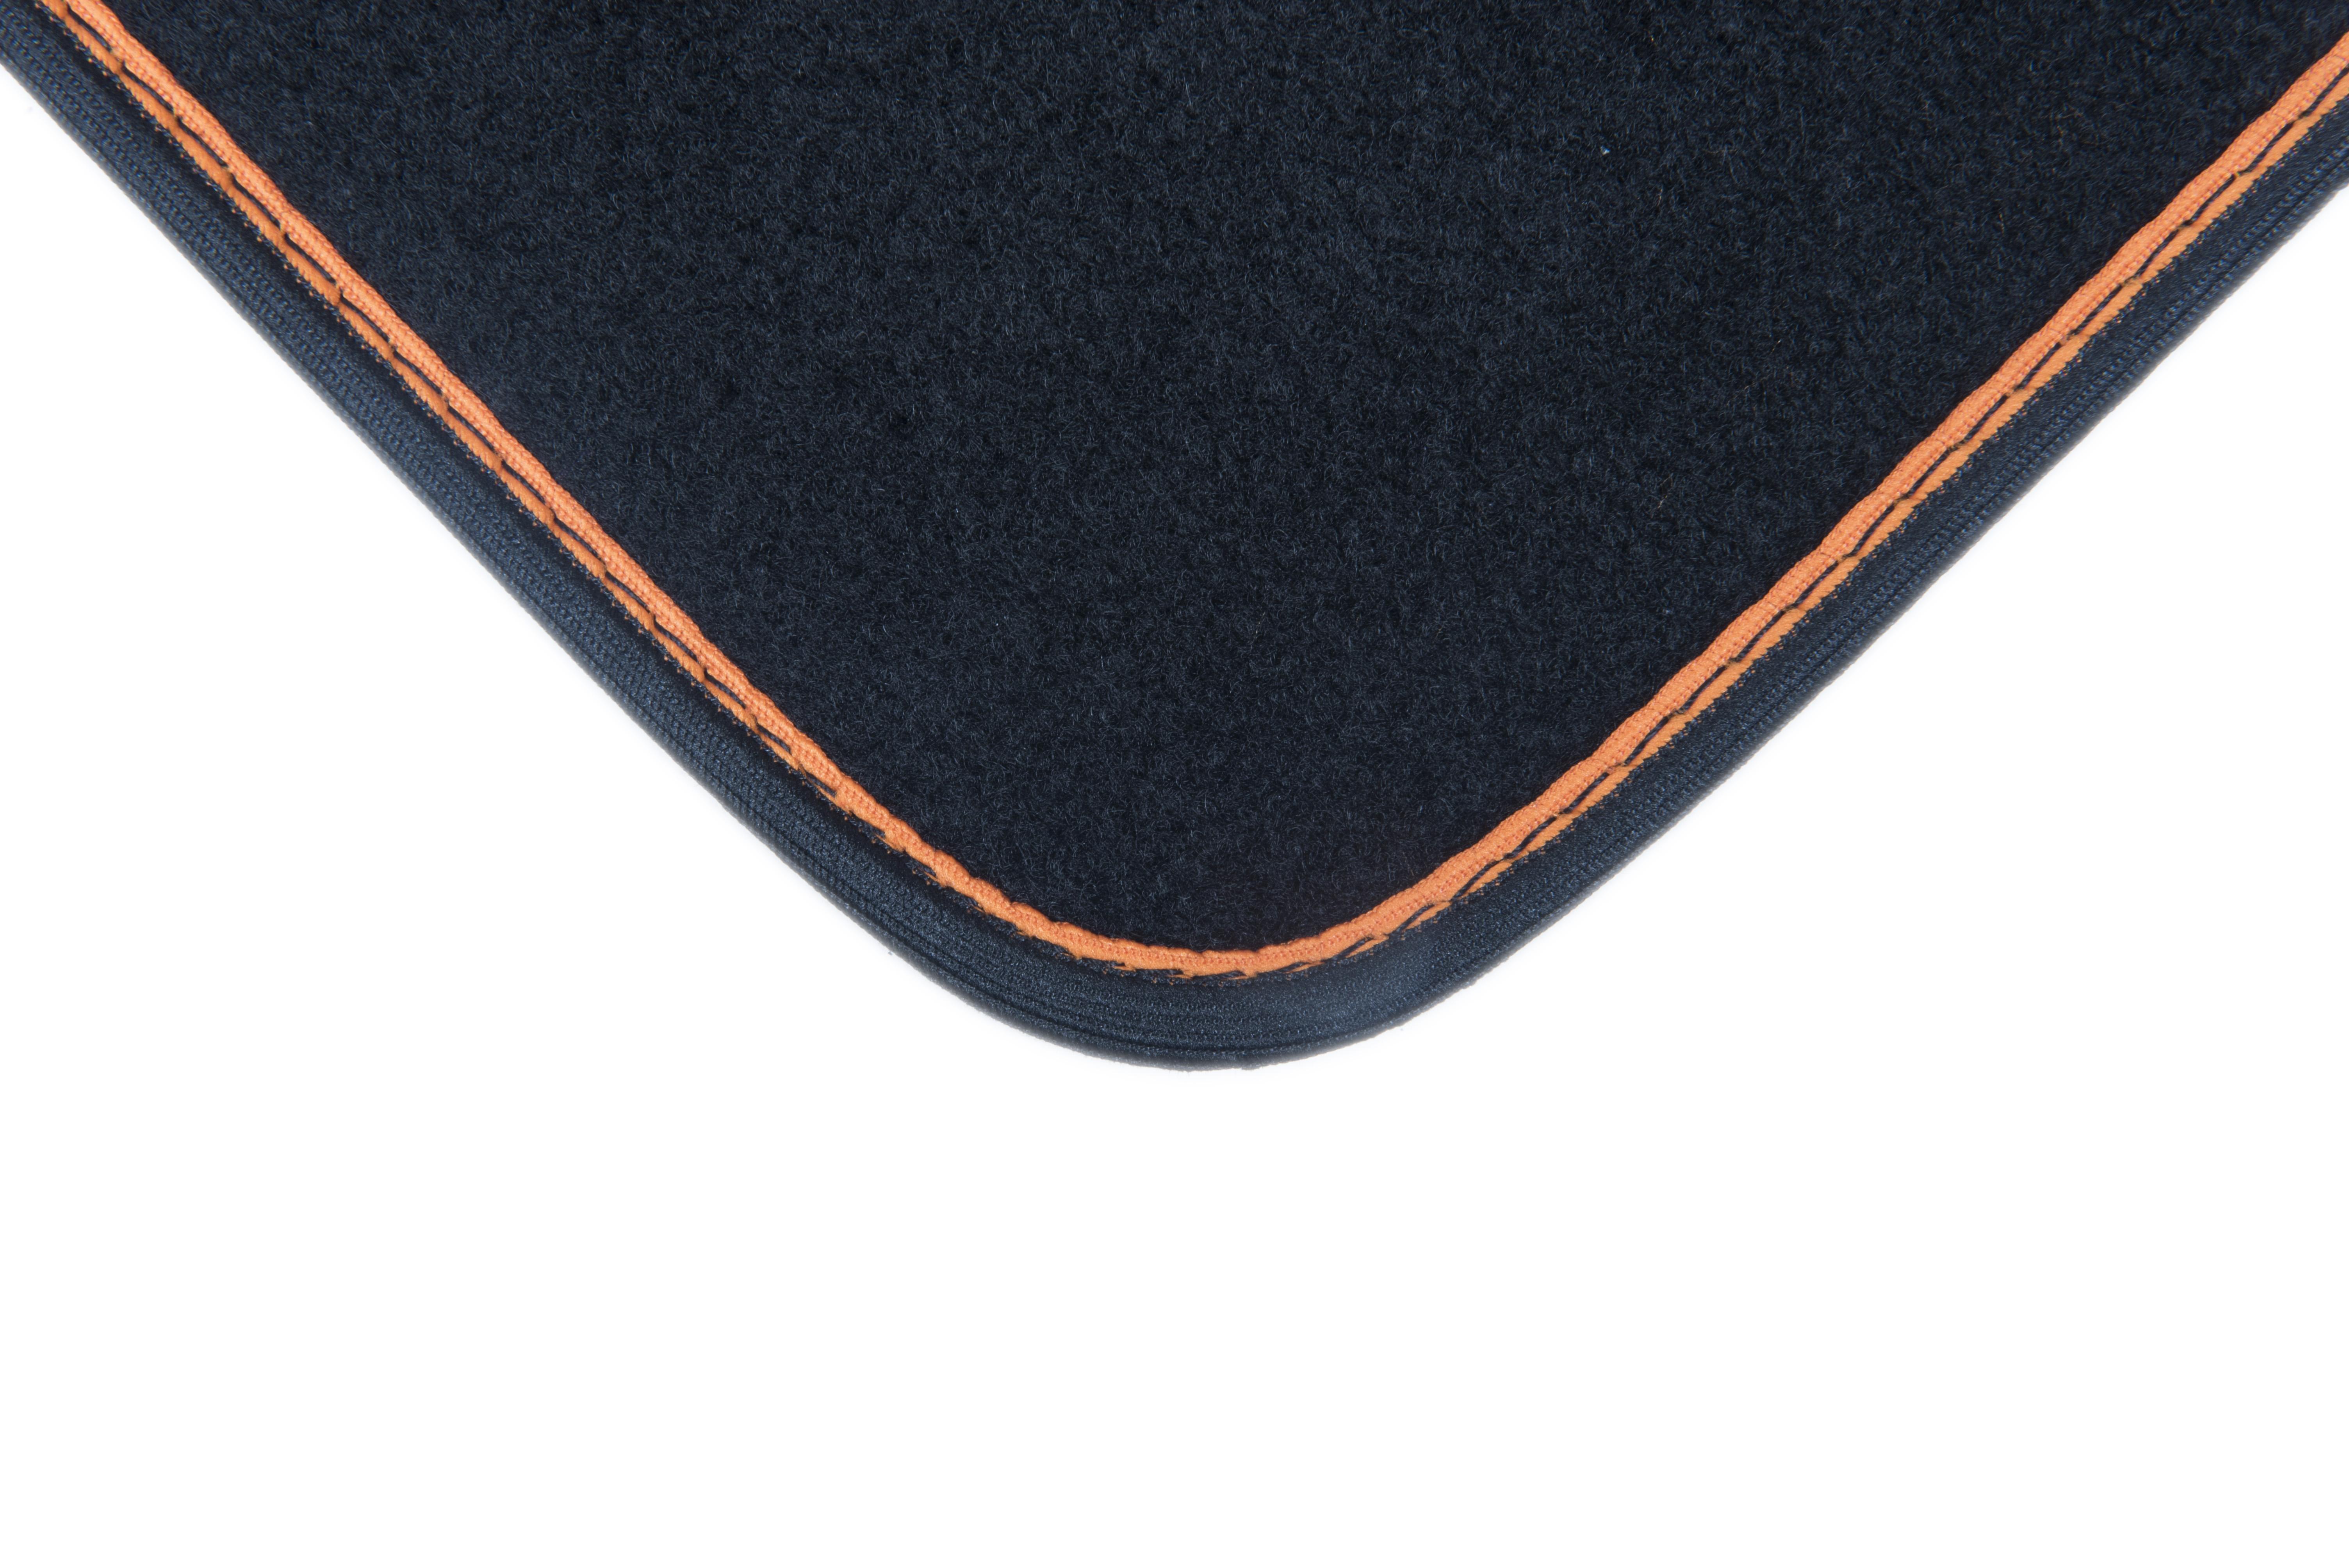 Conjunto de tapete de chão DBS 01765794 classificação